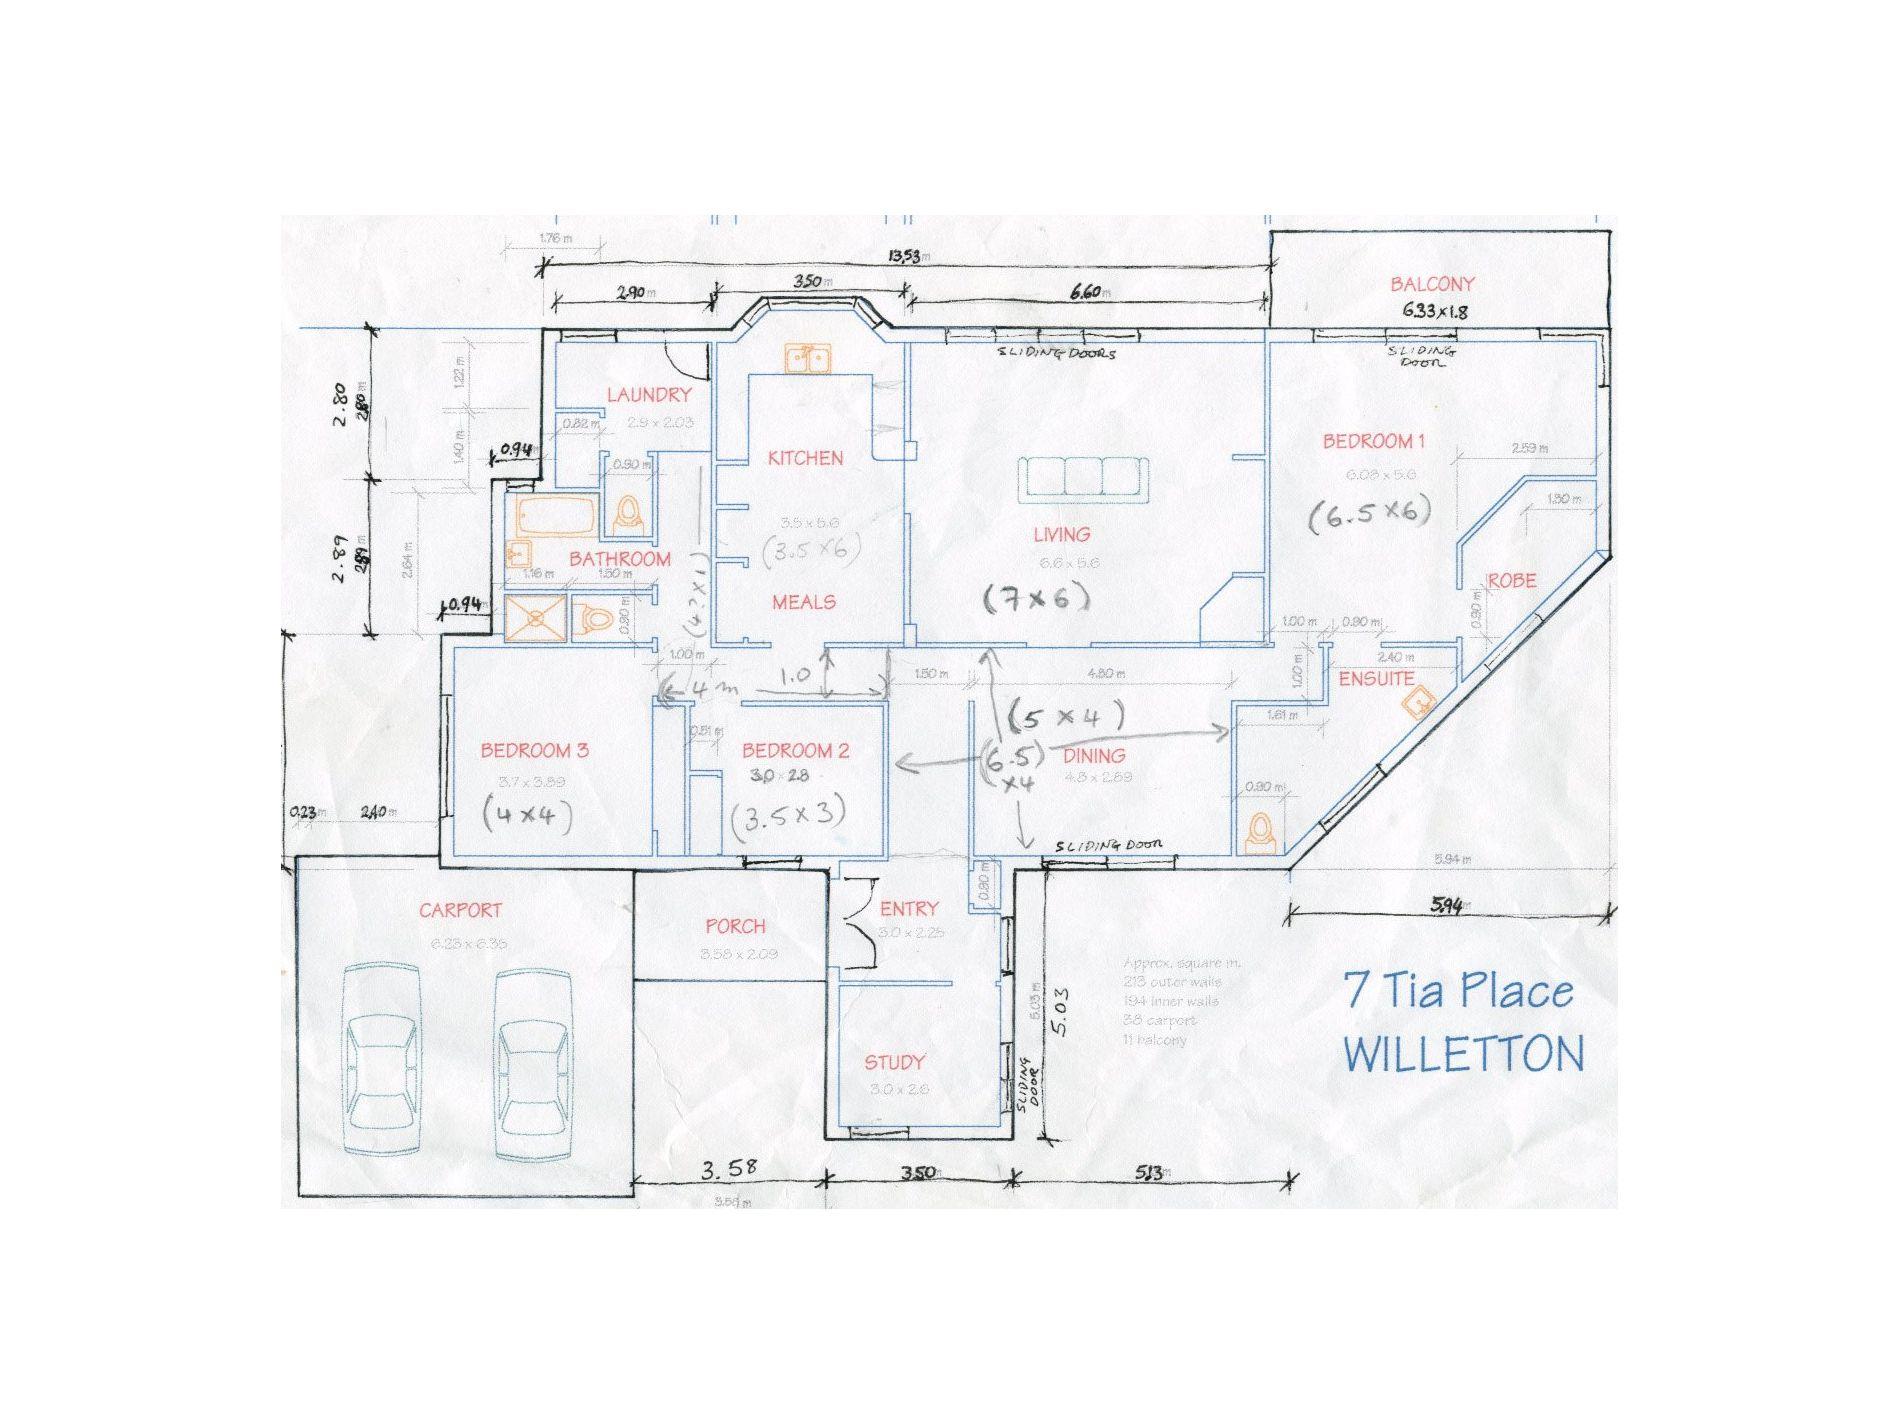 7 Tia Place, Willetton